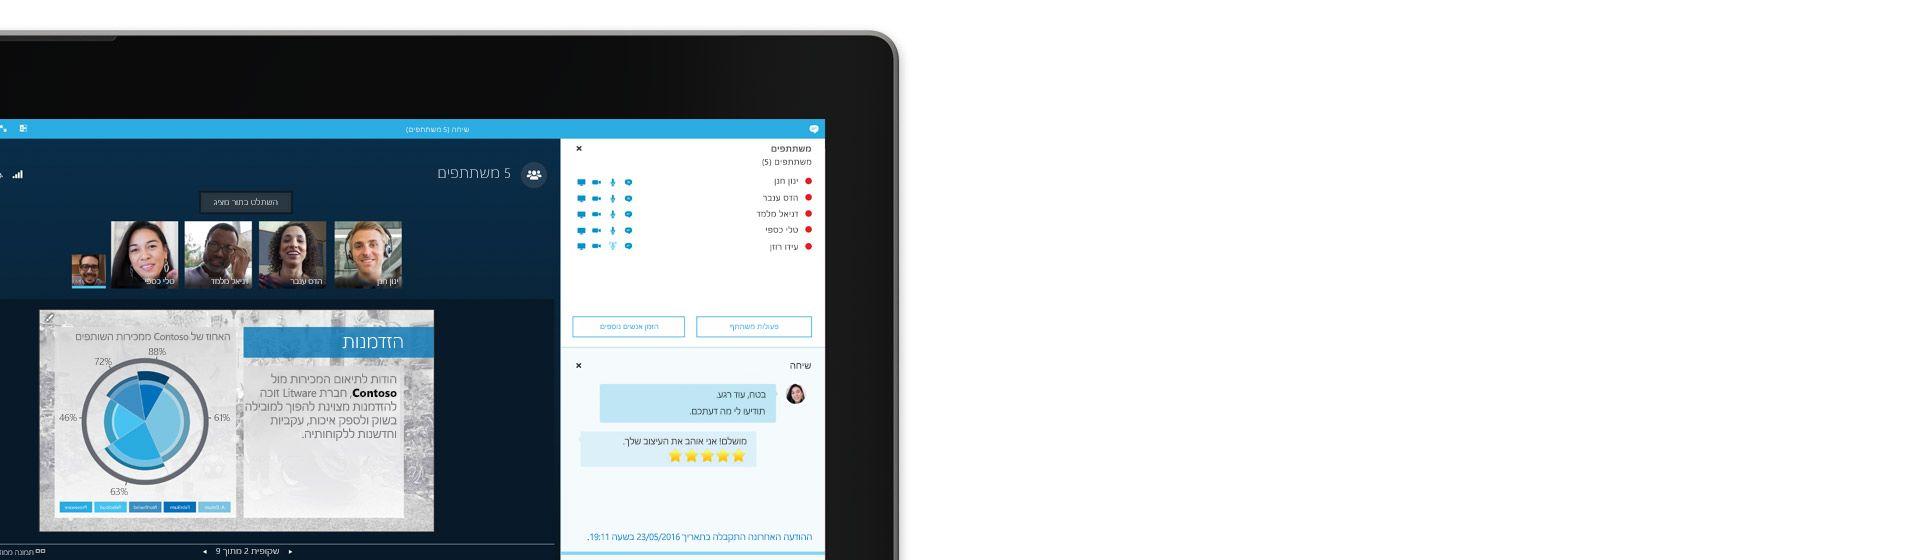 פינה של מסך מחשב נישא המציג פגישת Skype for Business שנמצאת בעיצומה עם רשימת משתתפים